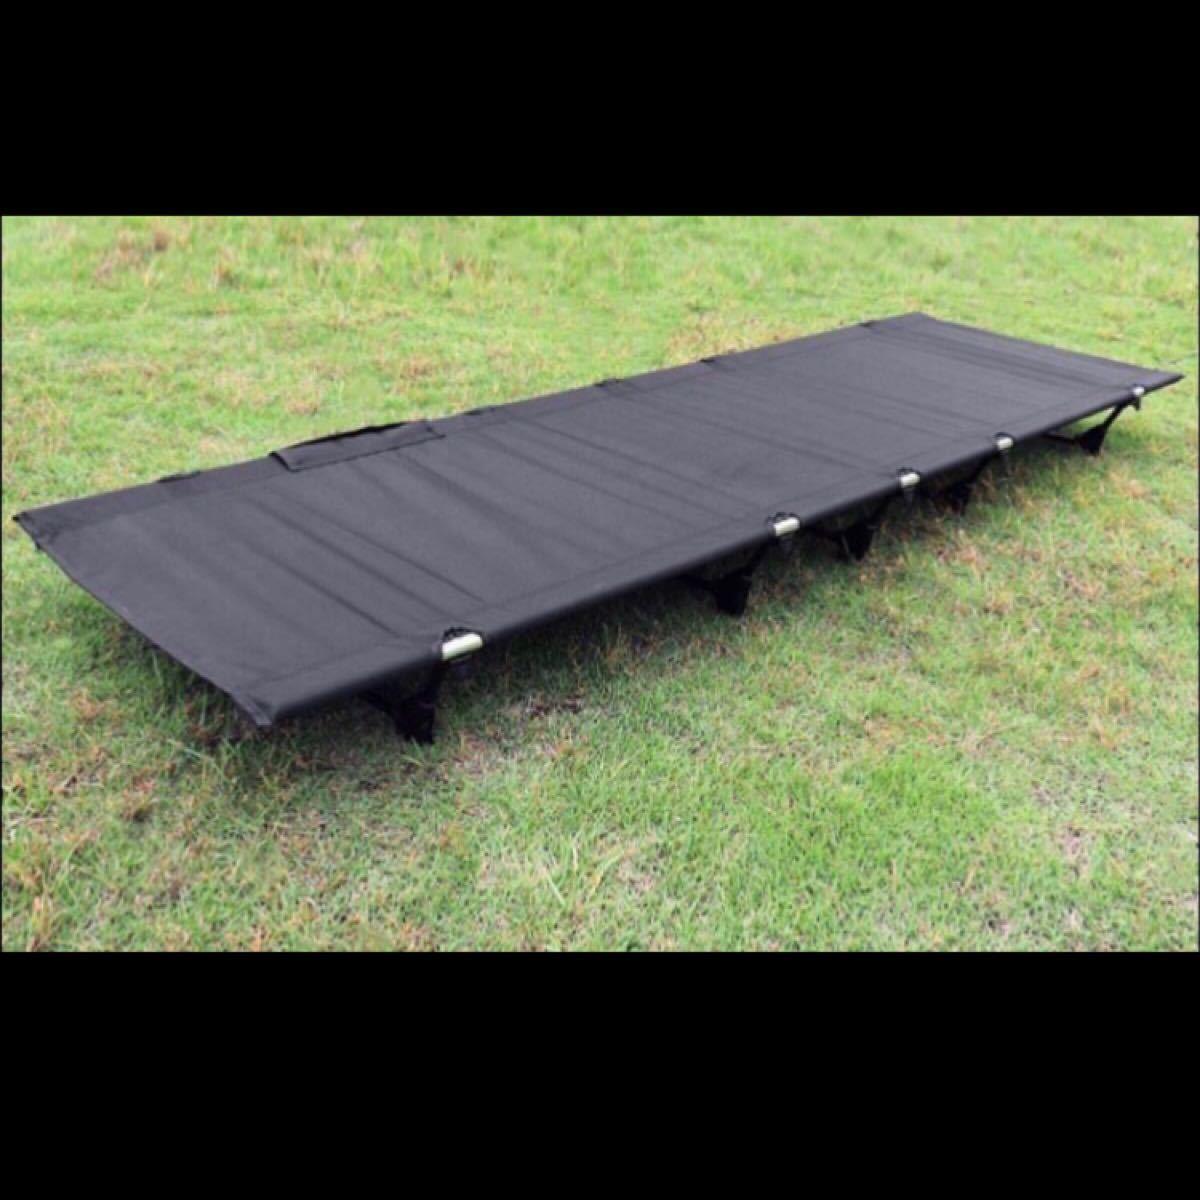 アウトドアベッド コット 折りたたみ式 ローコット ベッド キャンプベッド